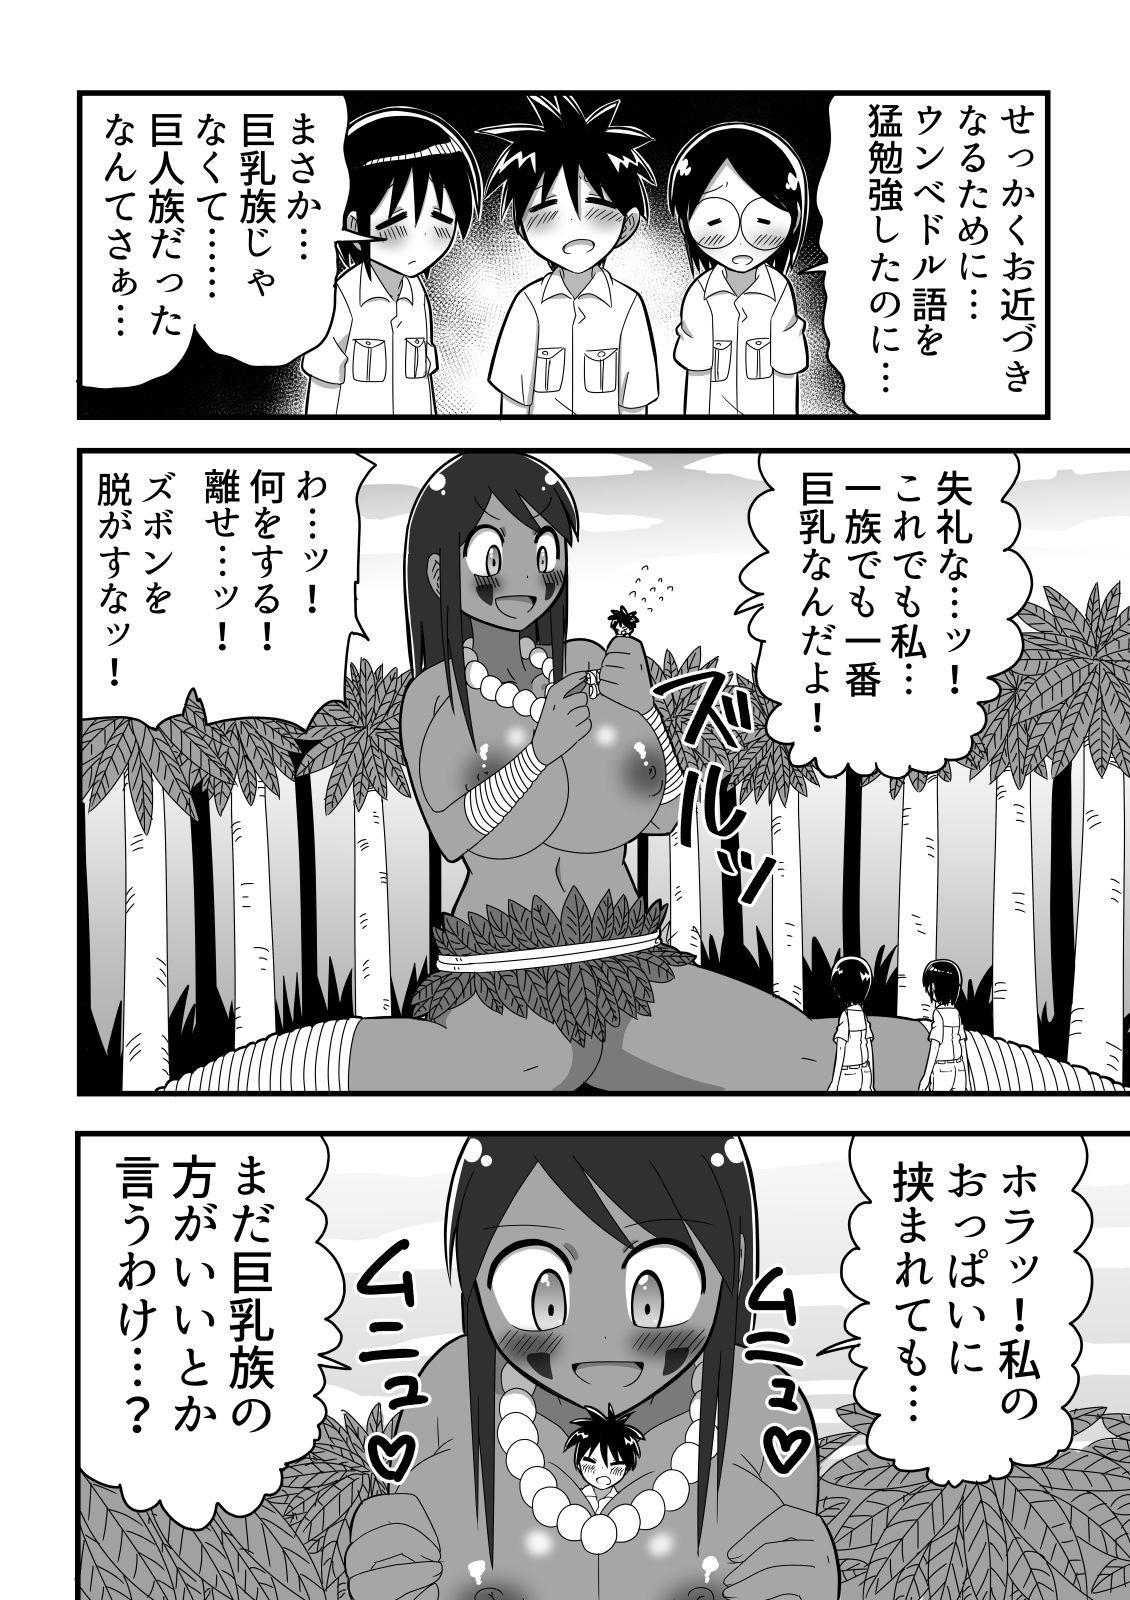 Shota Tankentai ga Hikyou de Kyojinzoku no Onee-san to Deatta Hanashi 7